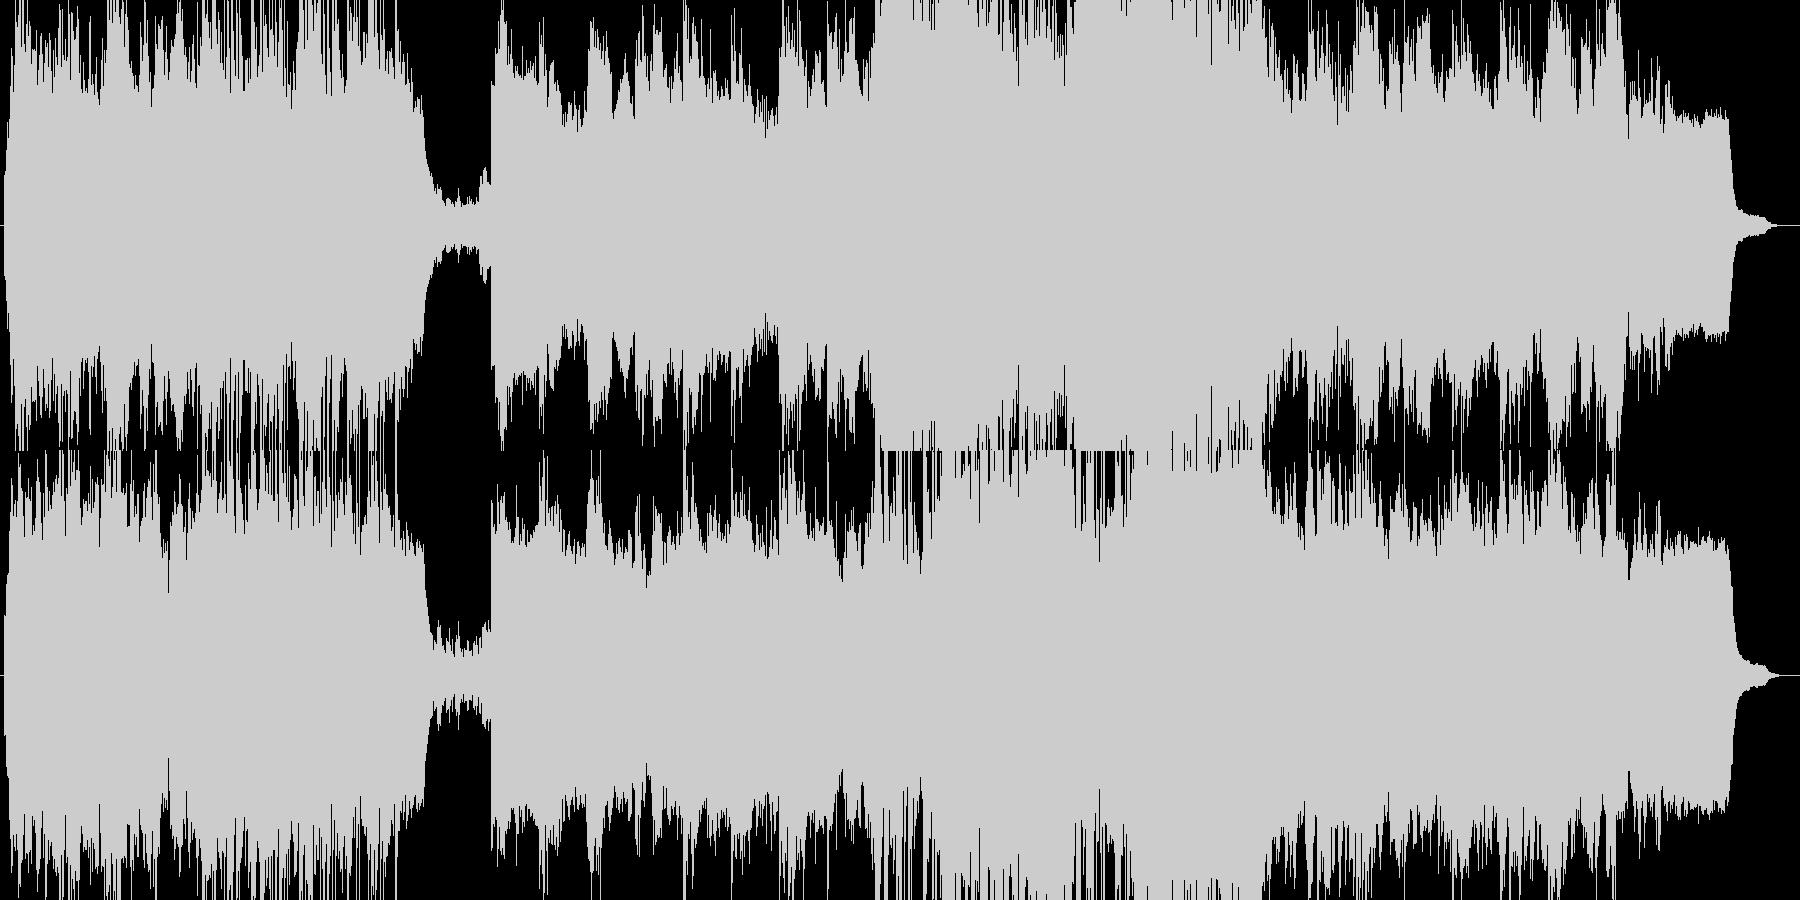 ピアノがメインのゆっくりとした感傷的な曲の未再生の波形